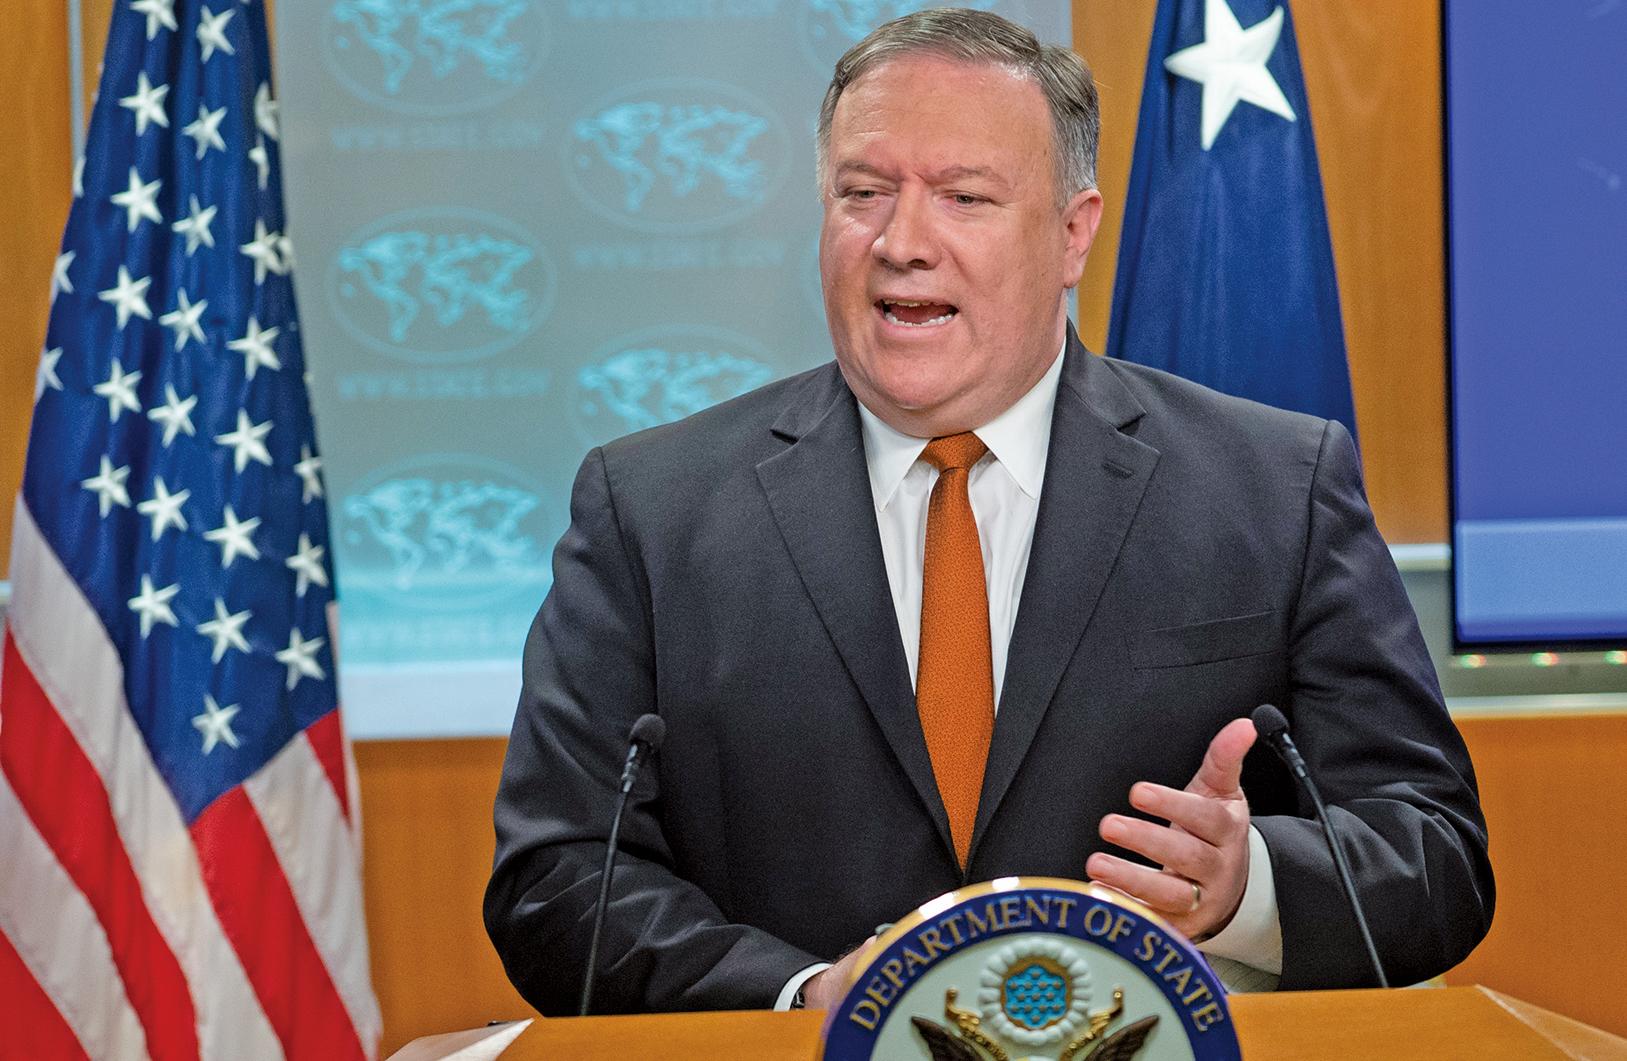 美國務卿蓬佩奧周三(9月19日)表示,美國準備好即刻參與北韓的無核化談判,且朝鮮半島無核化將於2021年1月完成。(AFP)